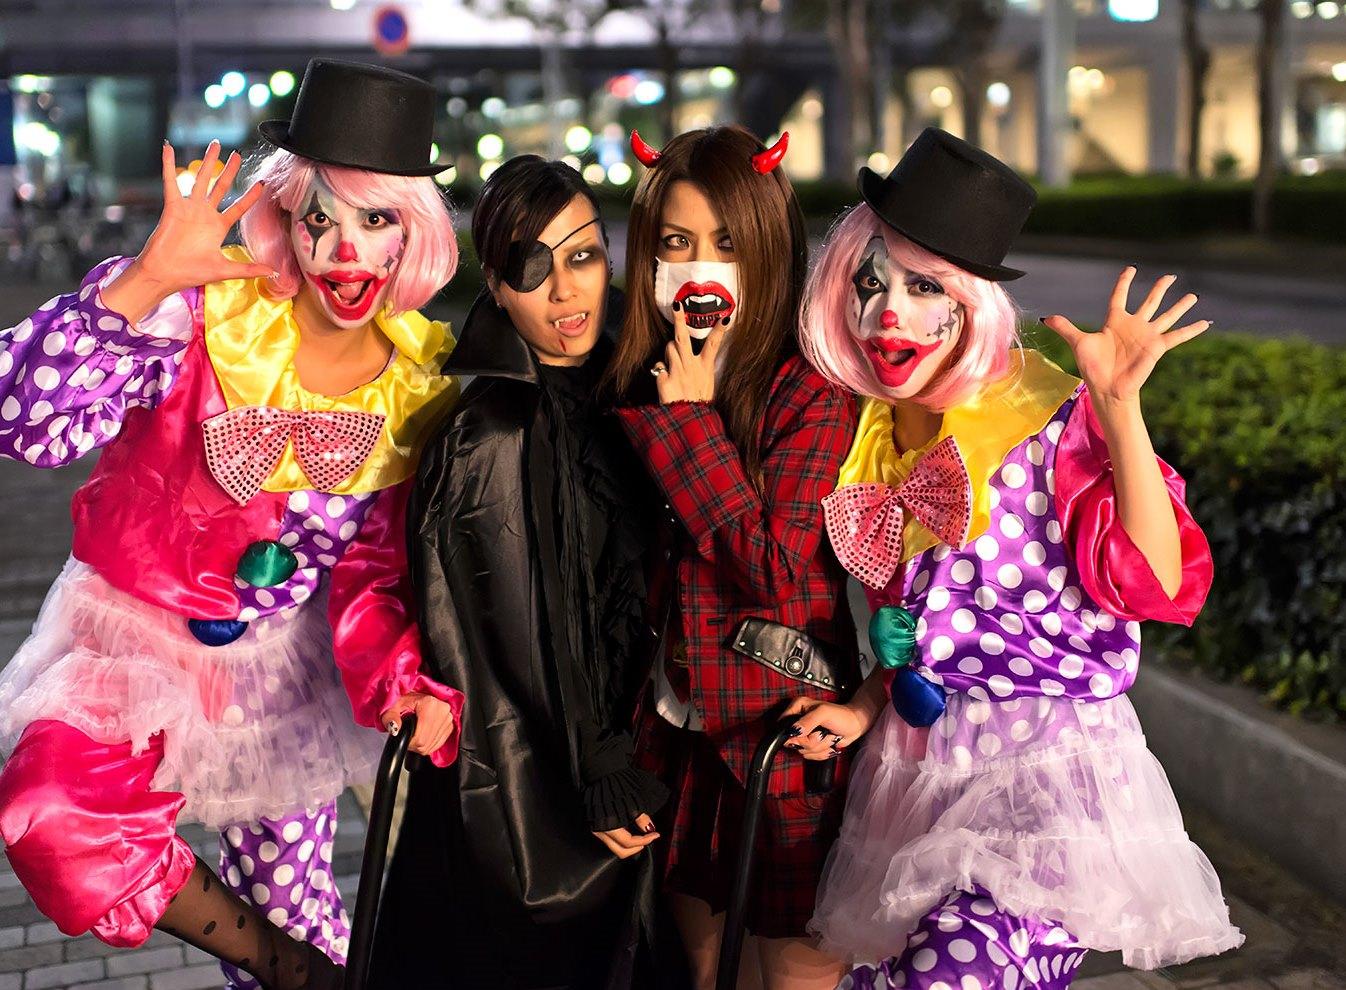 Los mejores disfraces halloween mujer - Fiesta de disfraces ideas ...